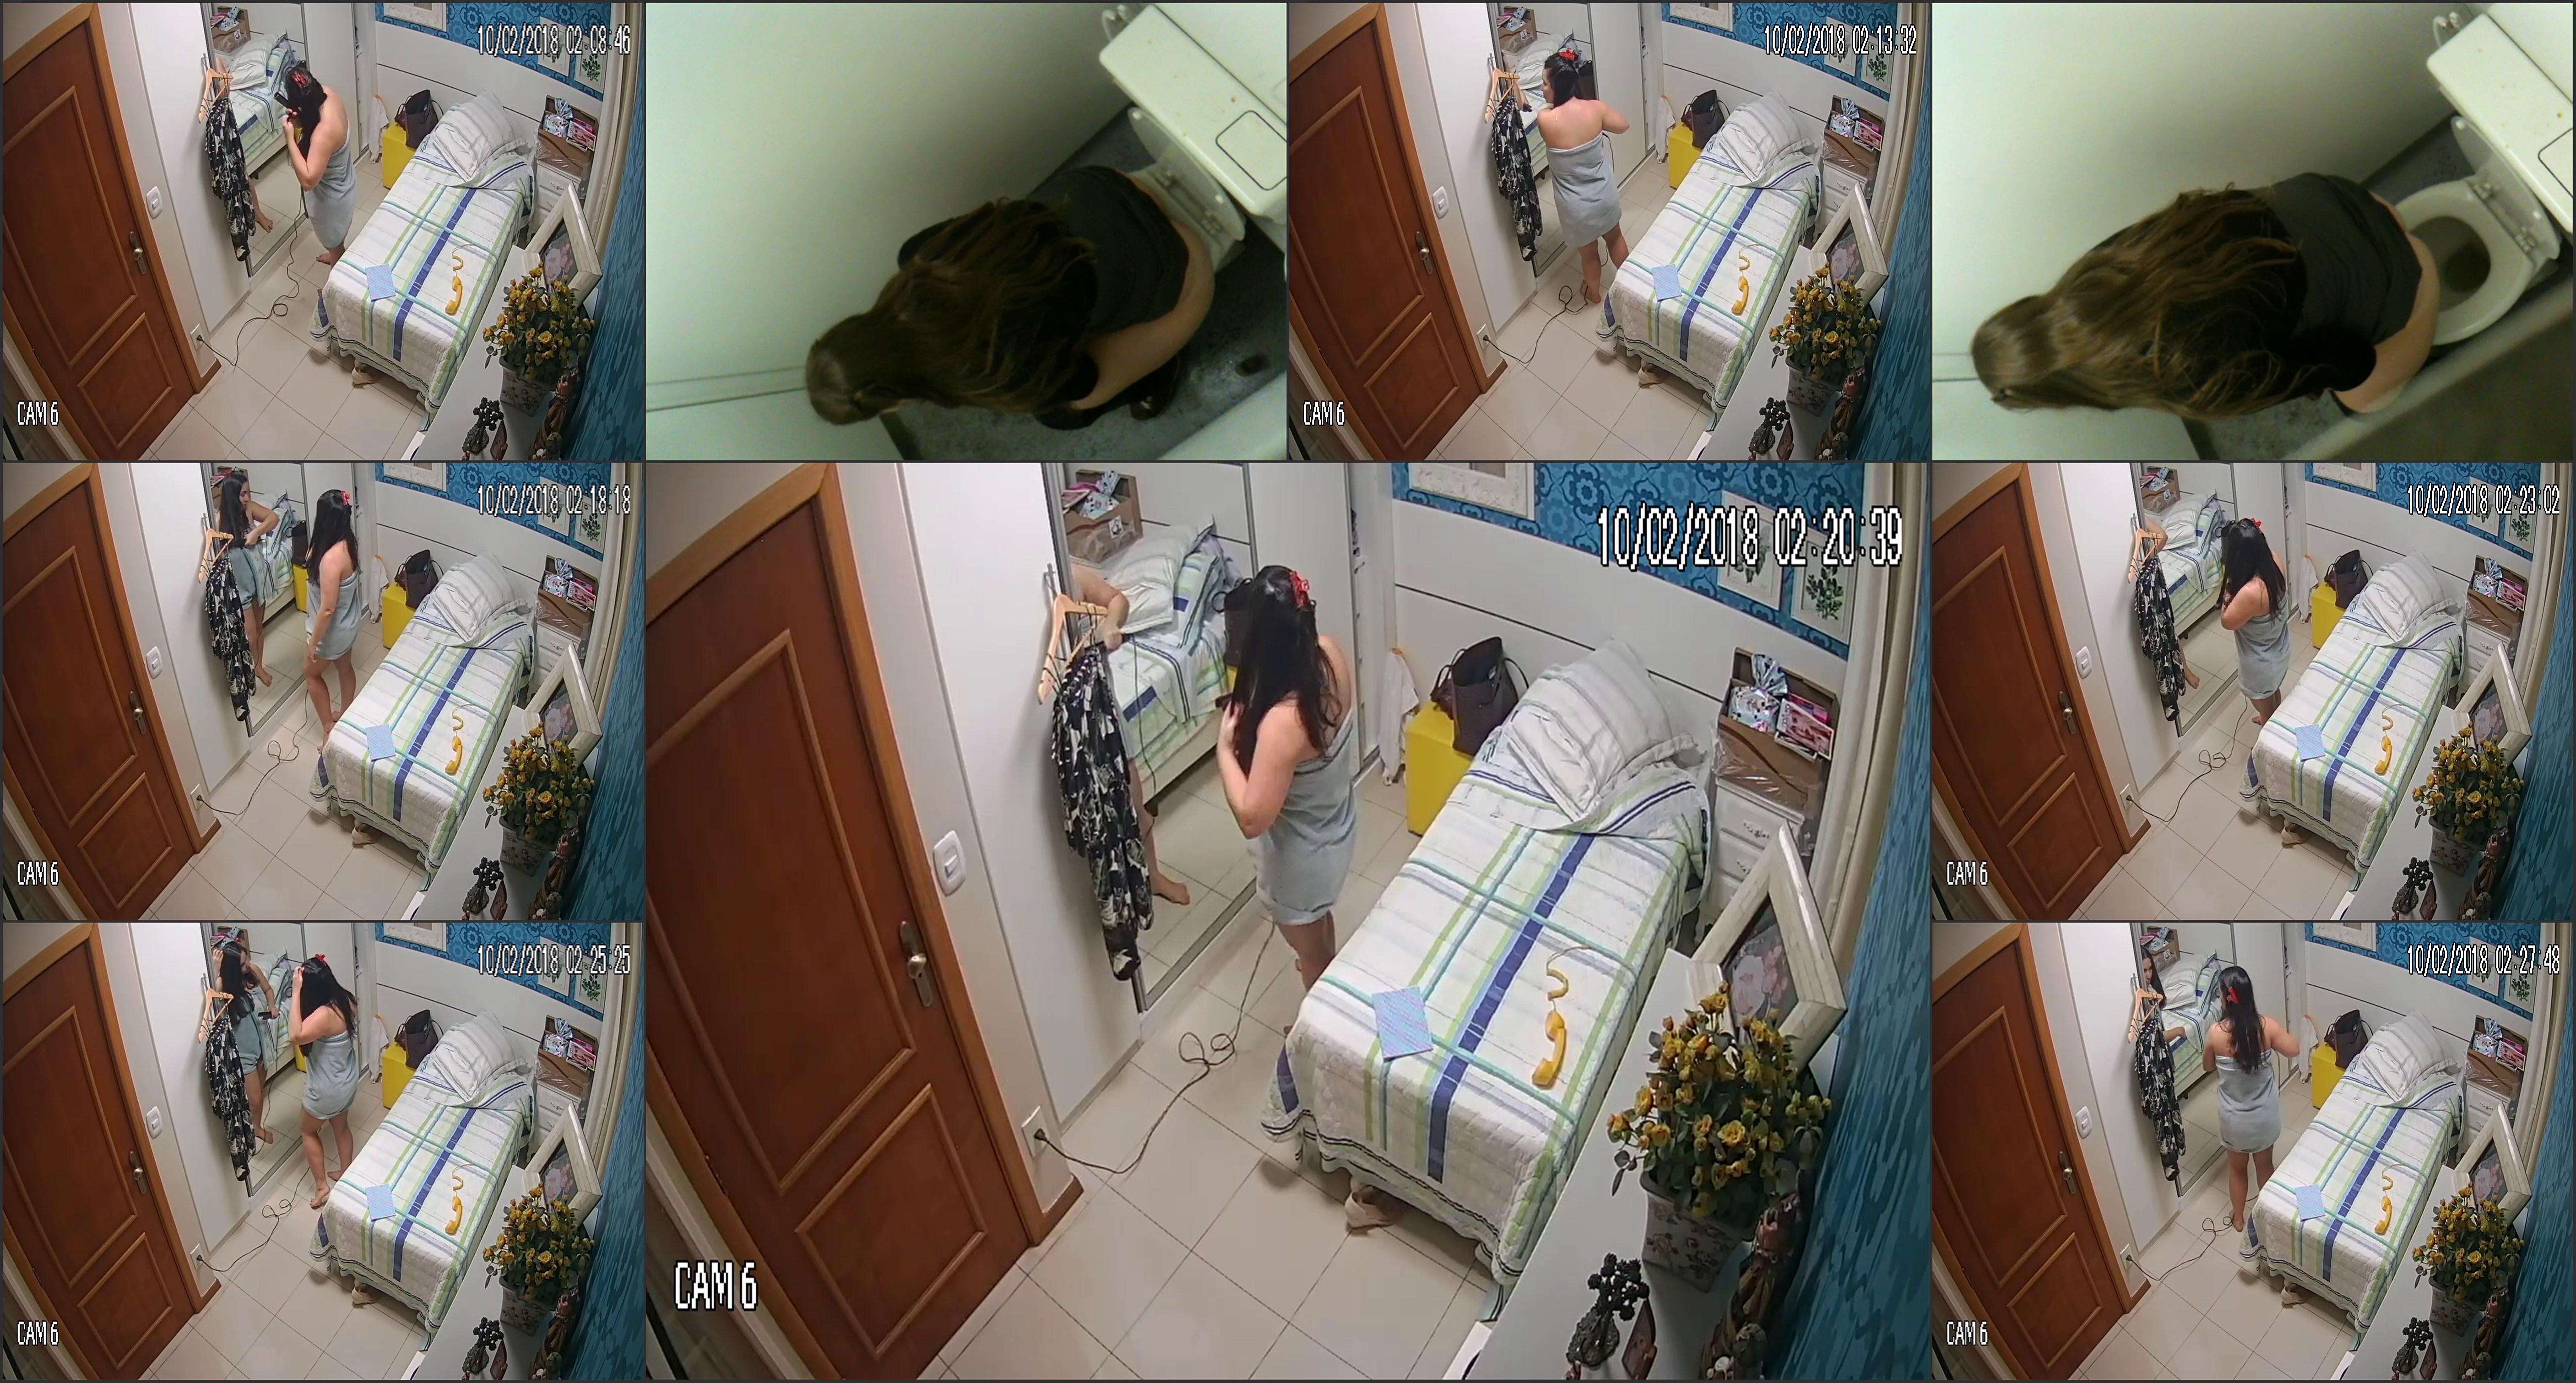 77990960_hackingcameras_848-avi.jpg